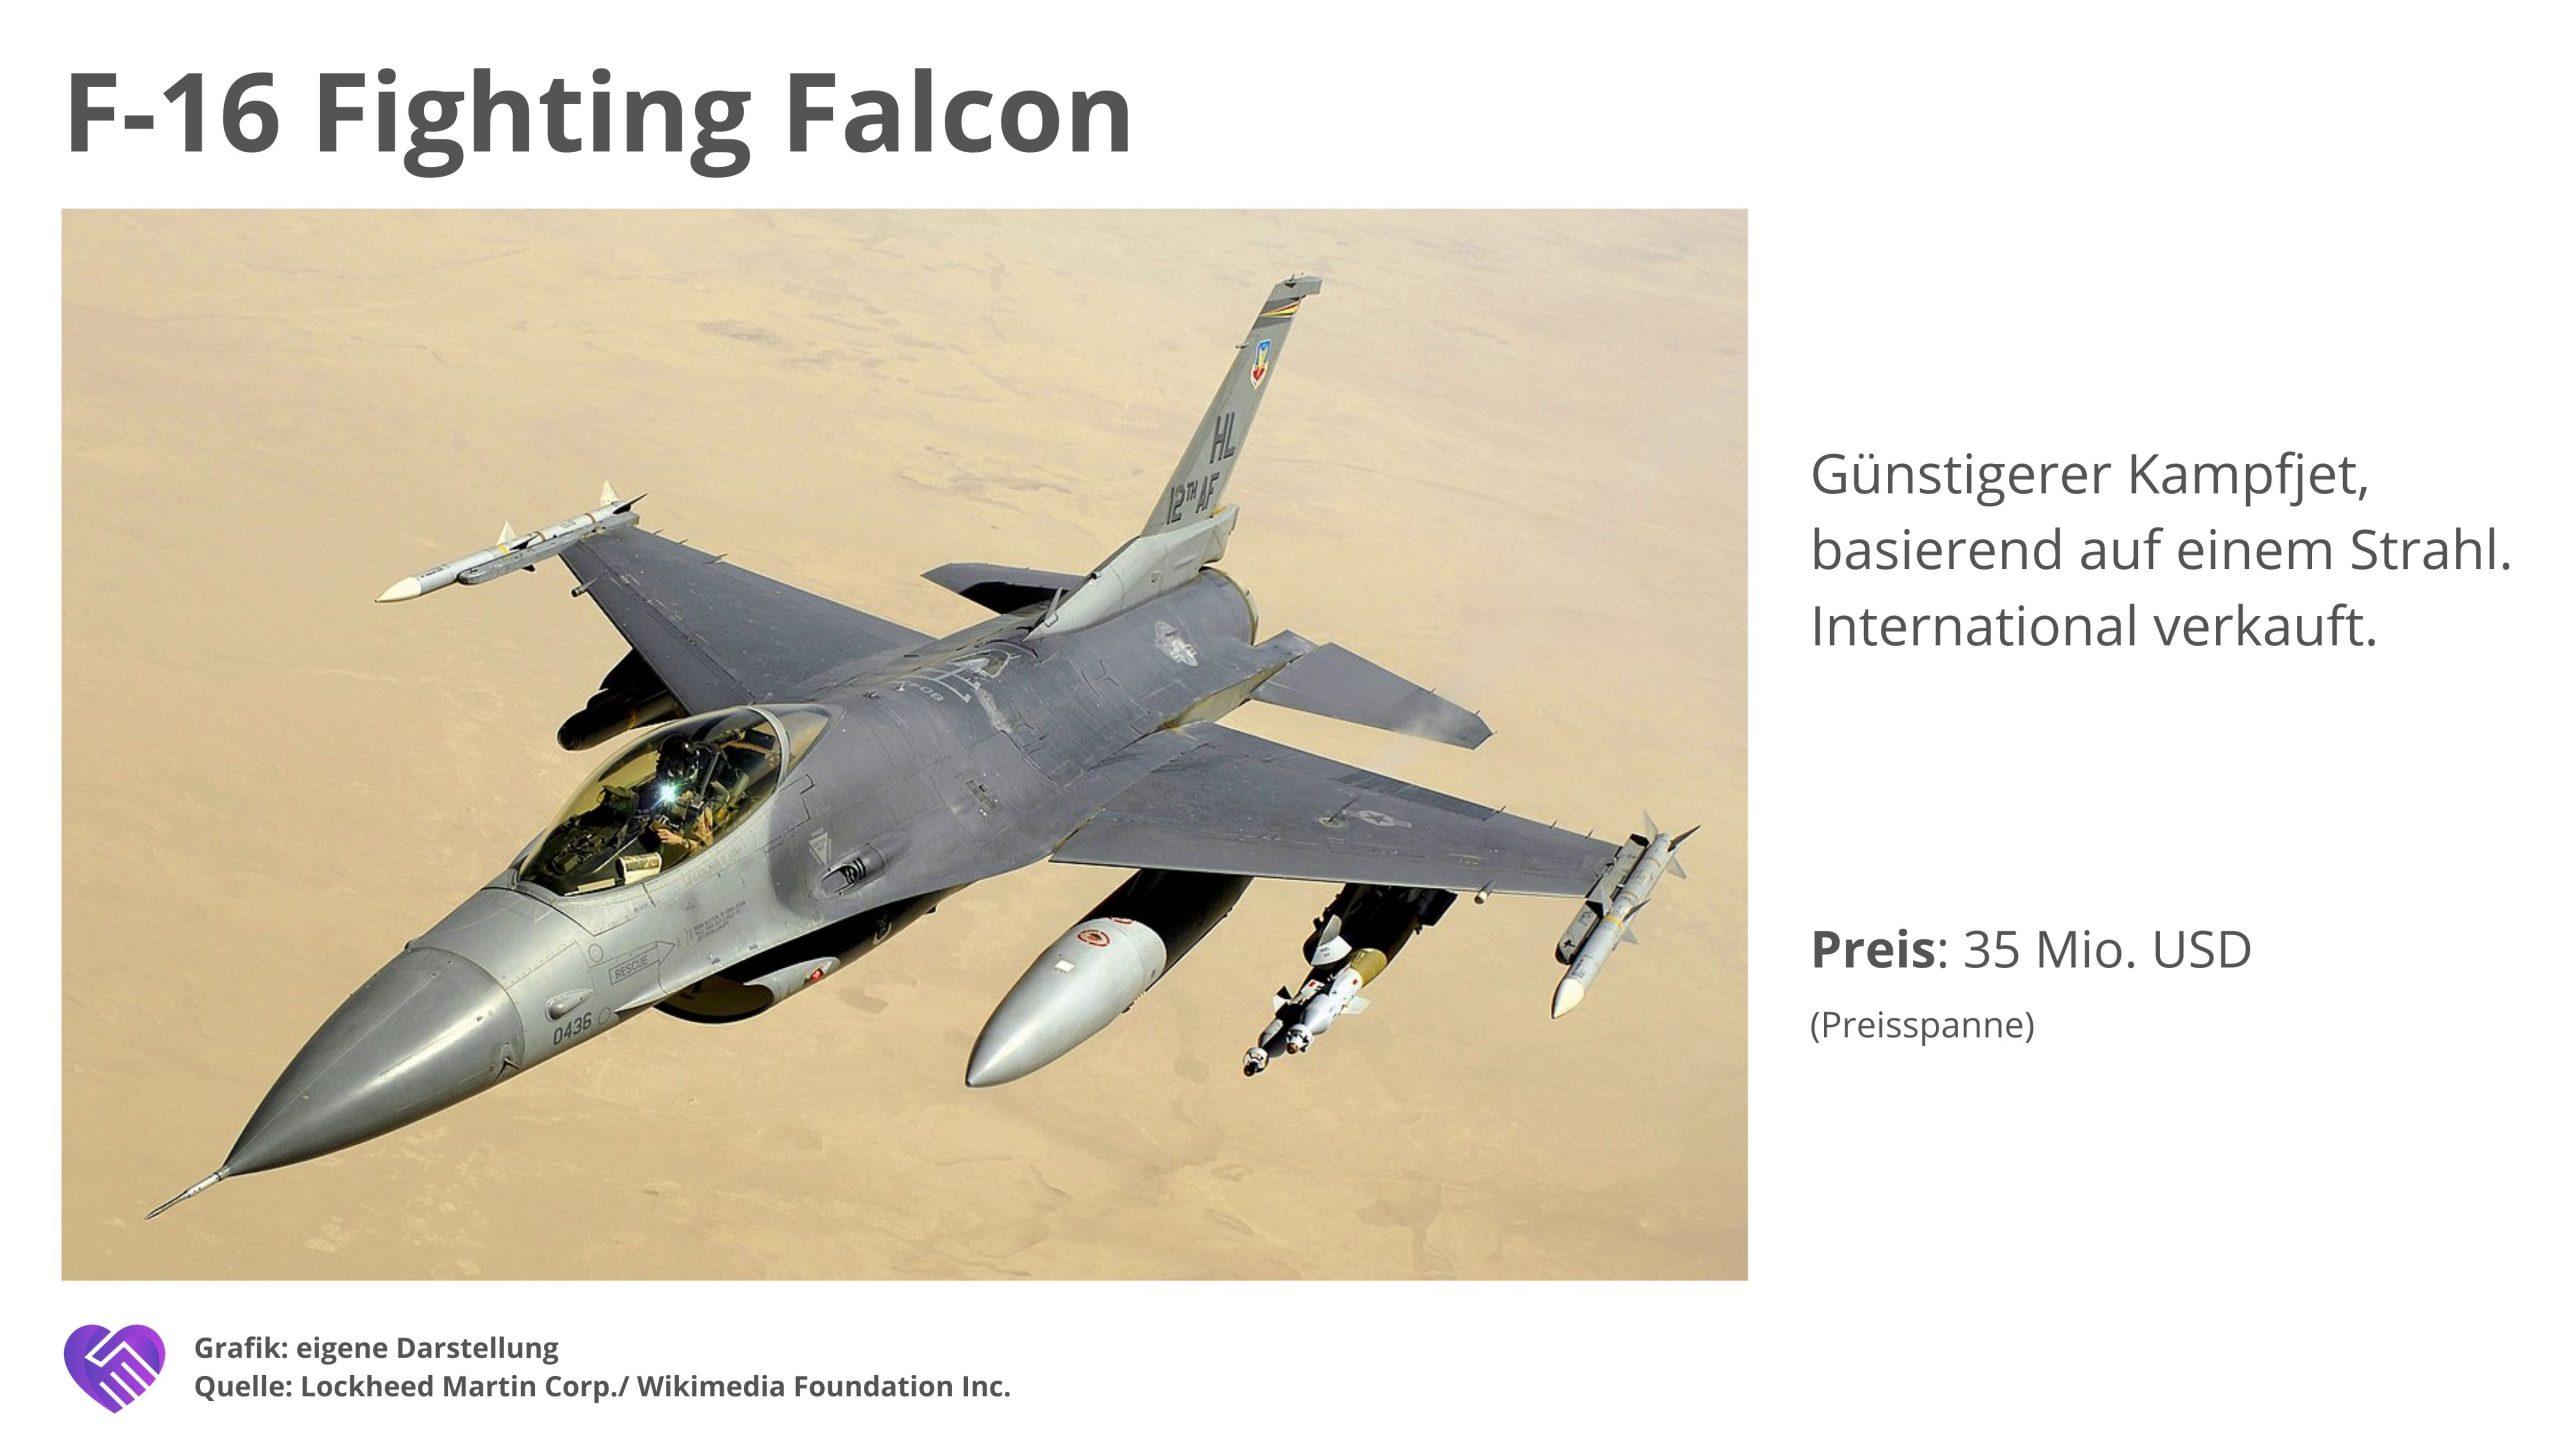 Lockheed Martin Aktie Analyse Geschäftsmodell F 16